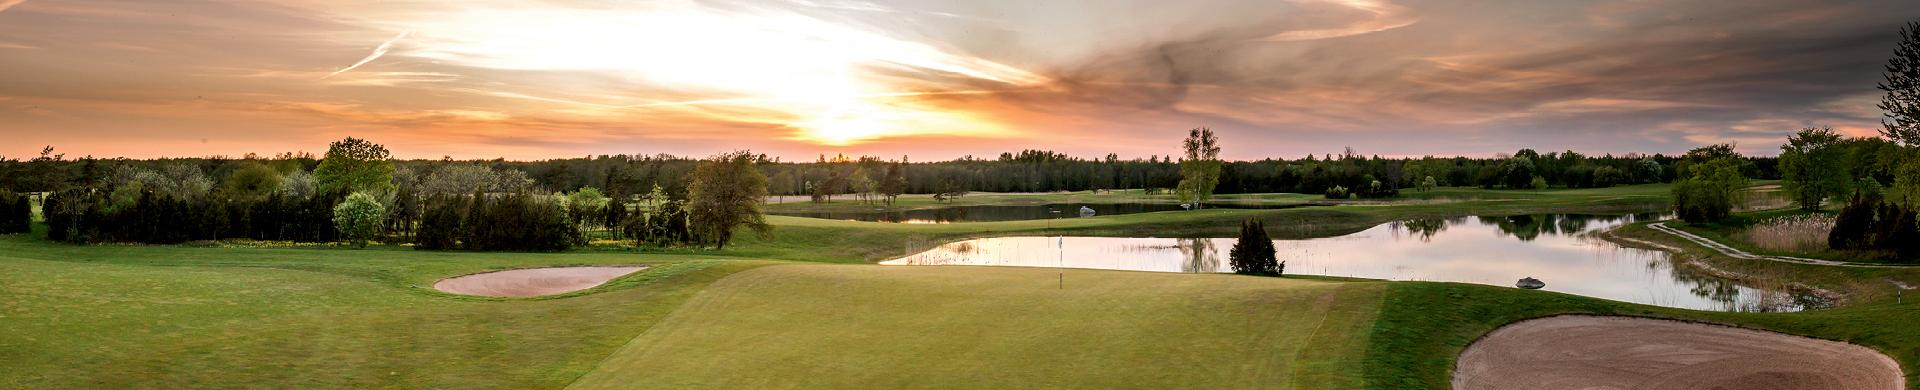 Saaremaa Golf & CC uueks greenkeepingu juhiks kutsuti Paul Roocroft